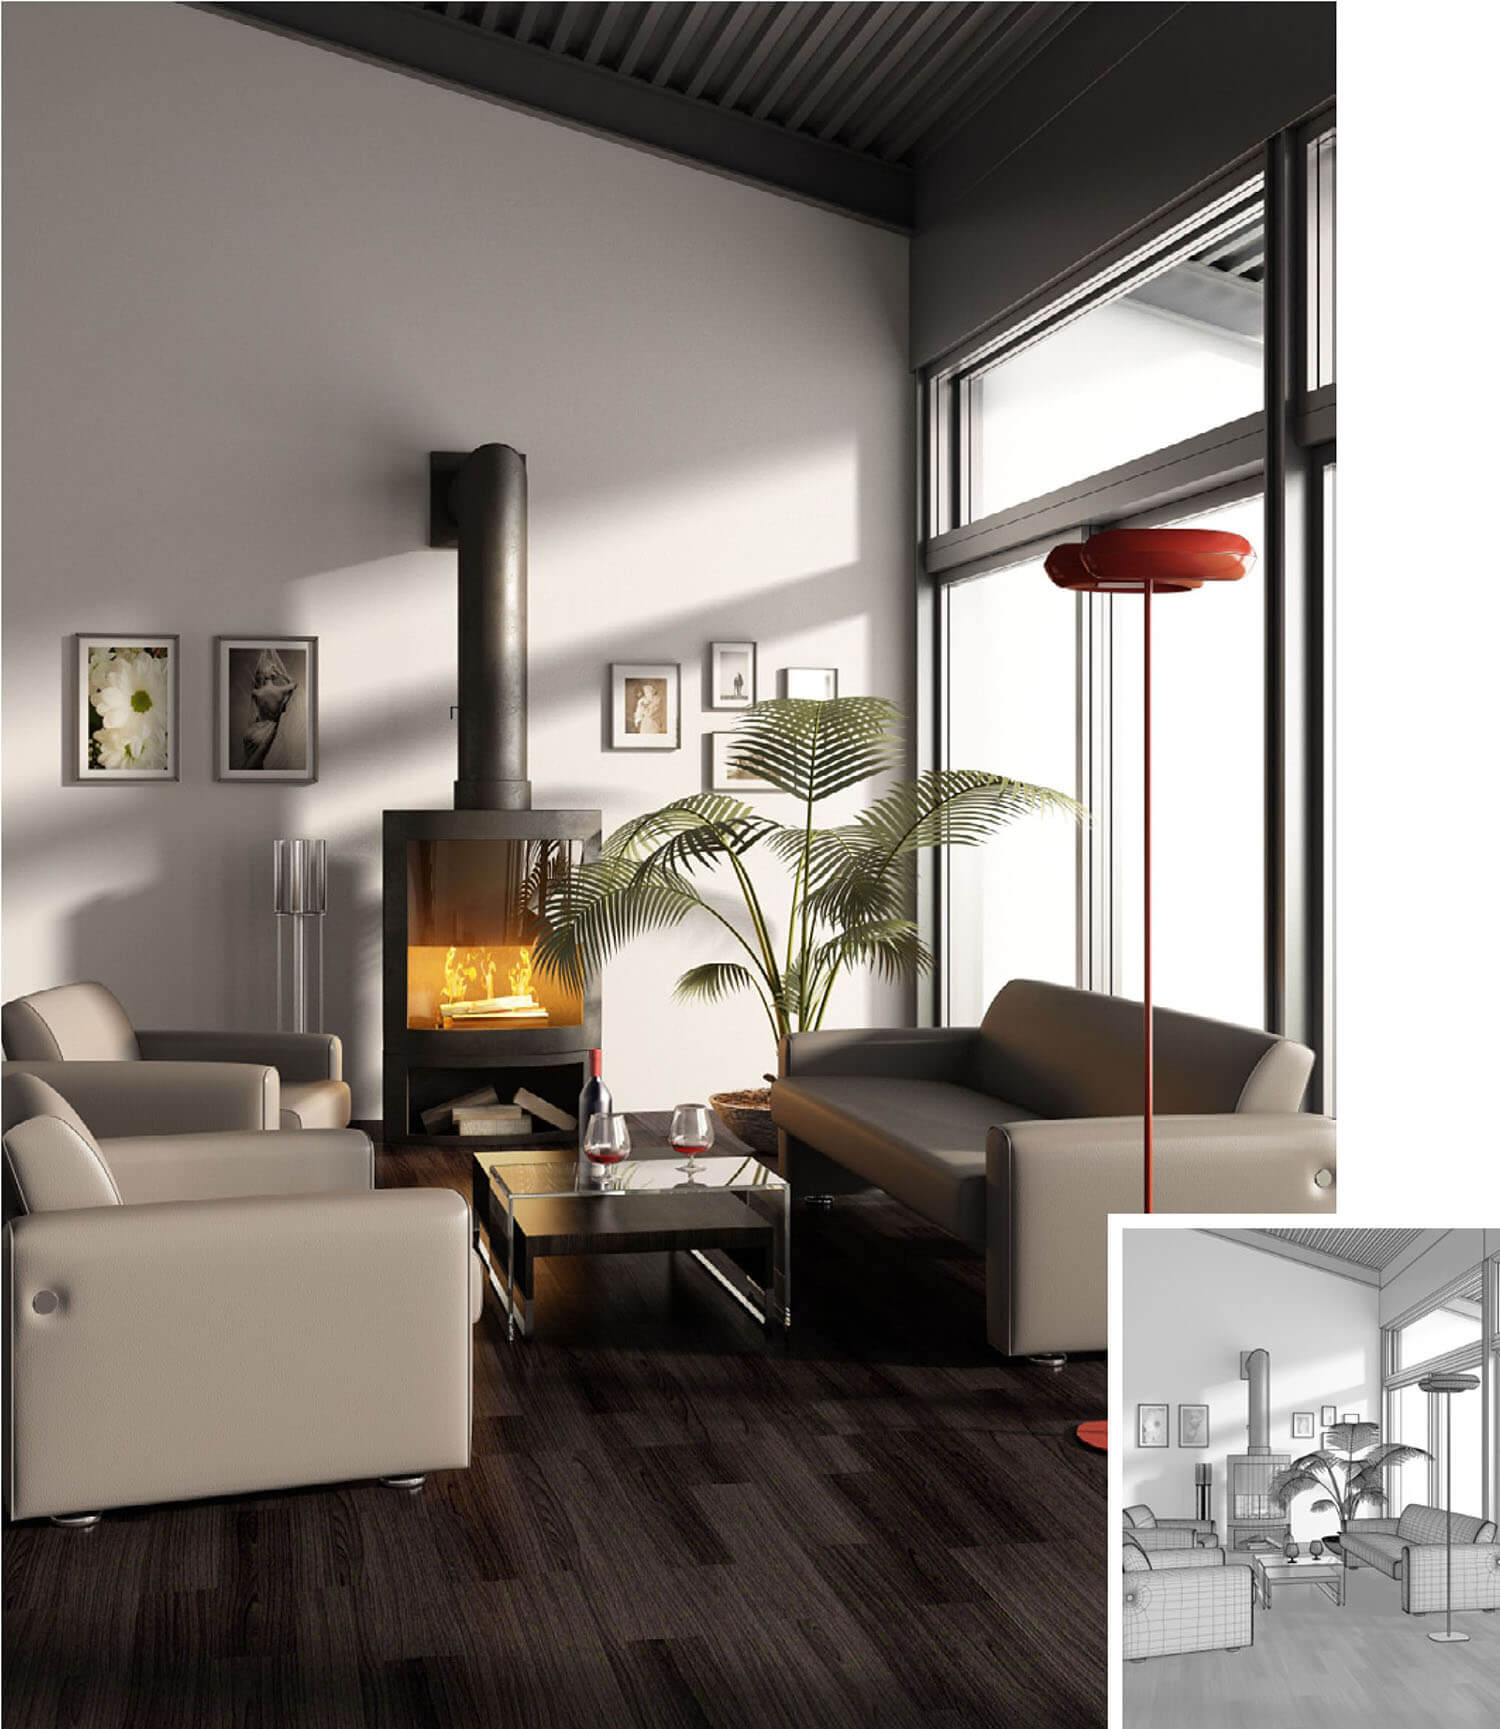 Thiết kế phòng khách trở nên ấn tượng và ấm cúng hơn với lò sưởi hiện đại